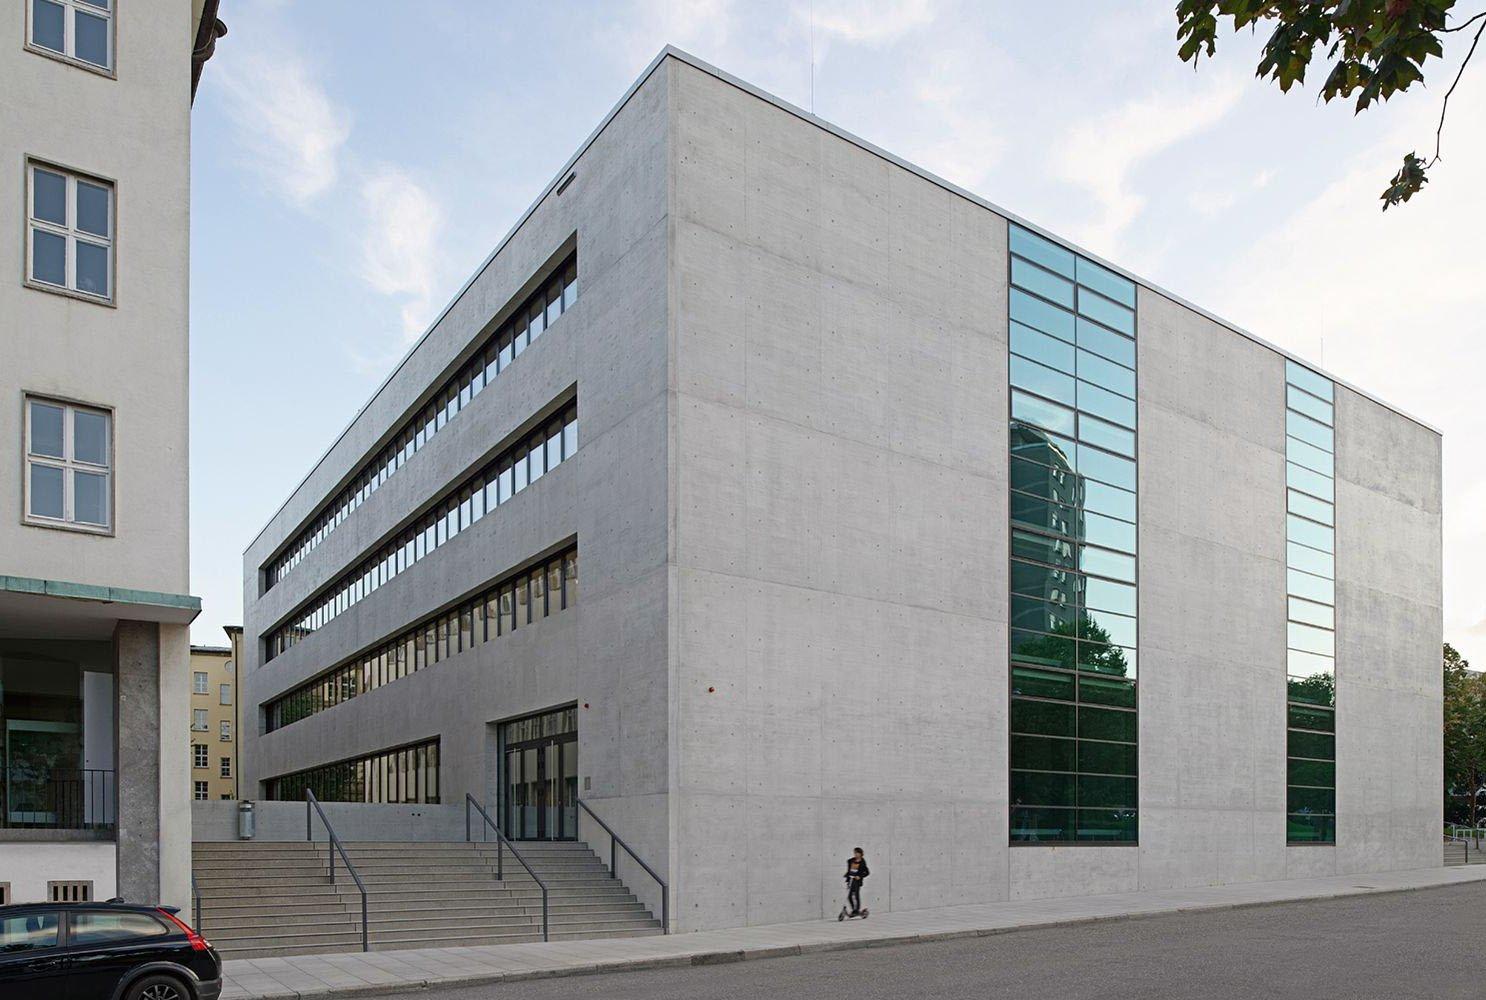 Neue architekturfakult t der hft stuttgart licht for Neue architektur stuttgart